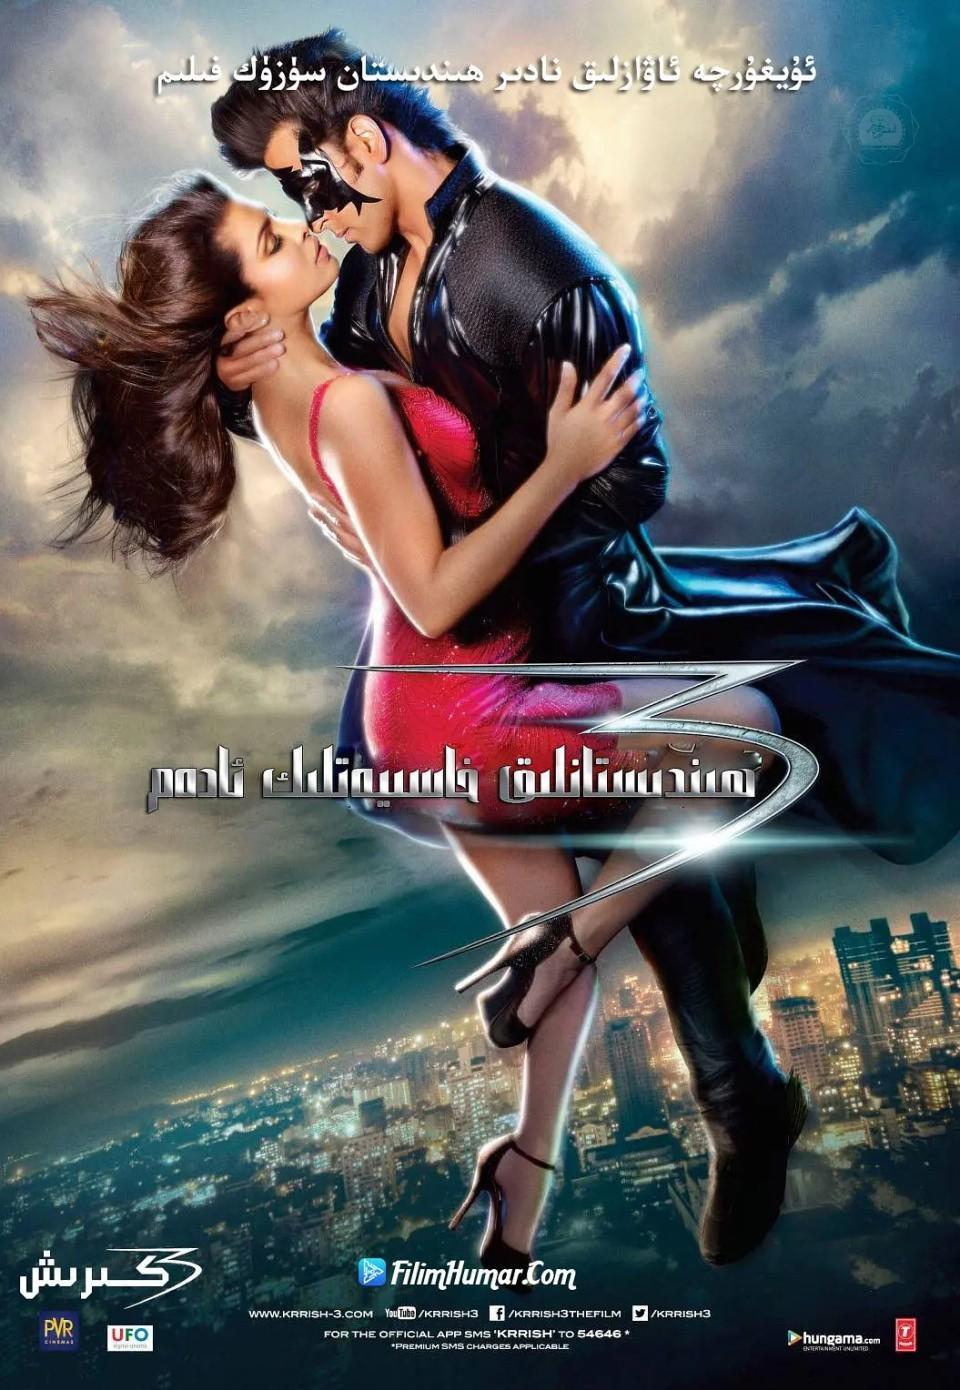 印度超人3 电影海报